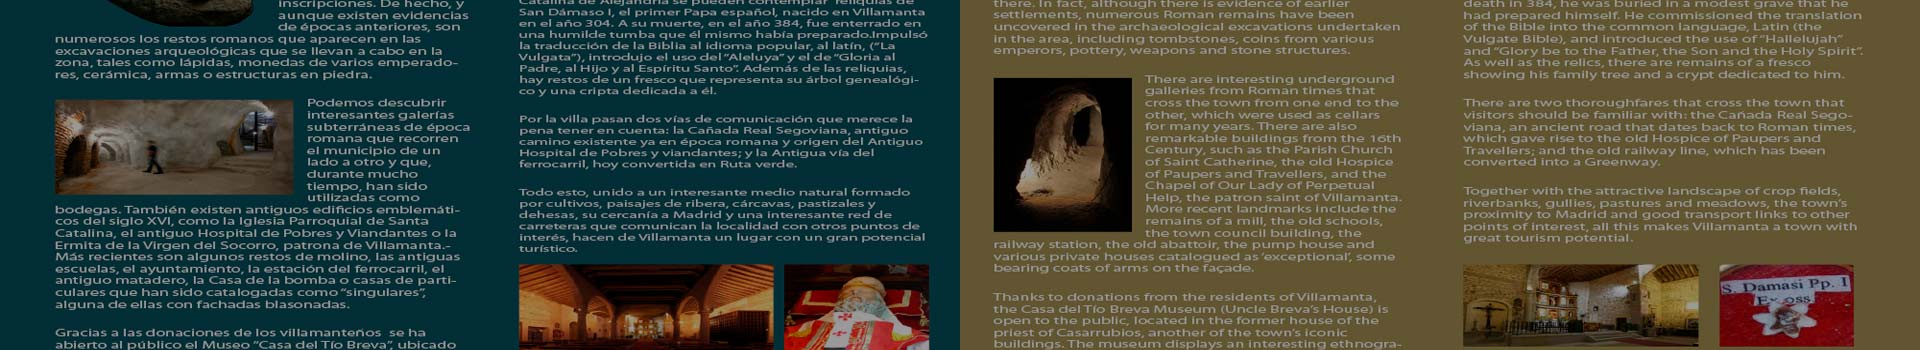 Guía turística de Villamanta (Madrid)